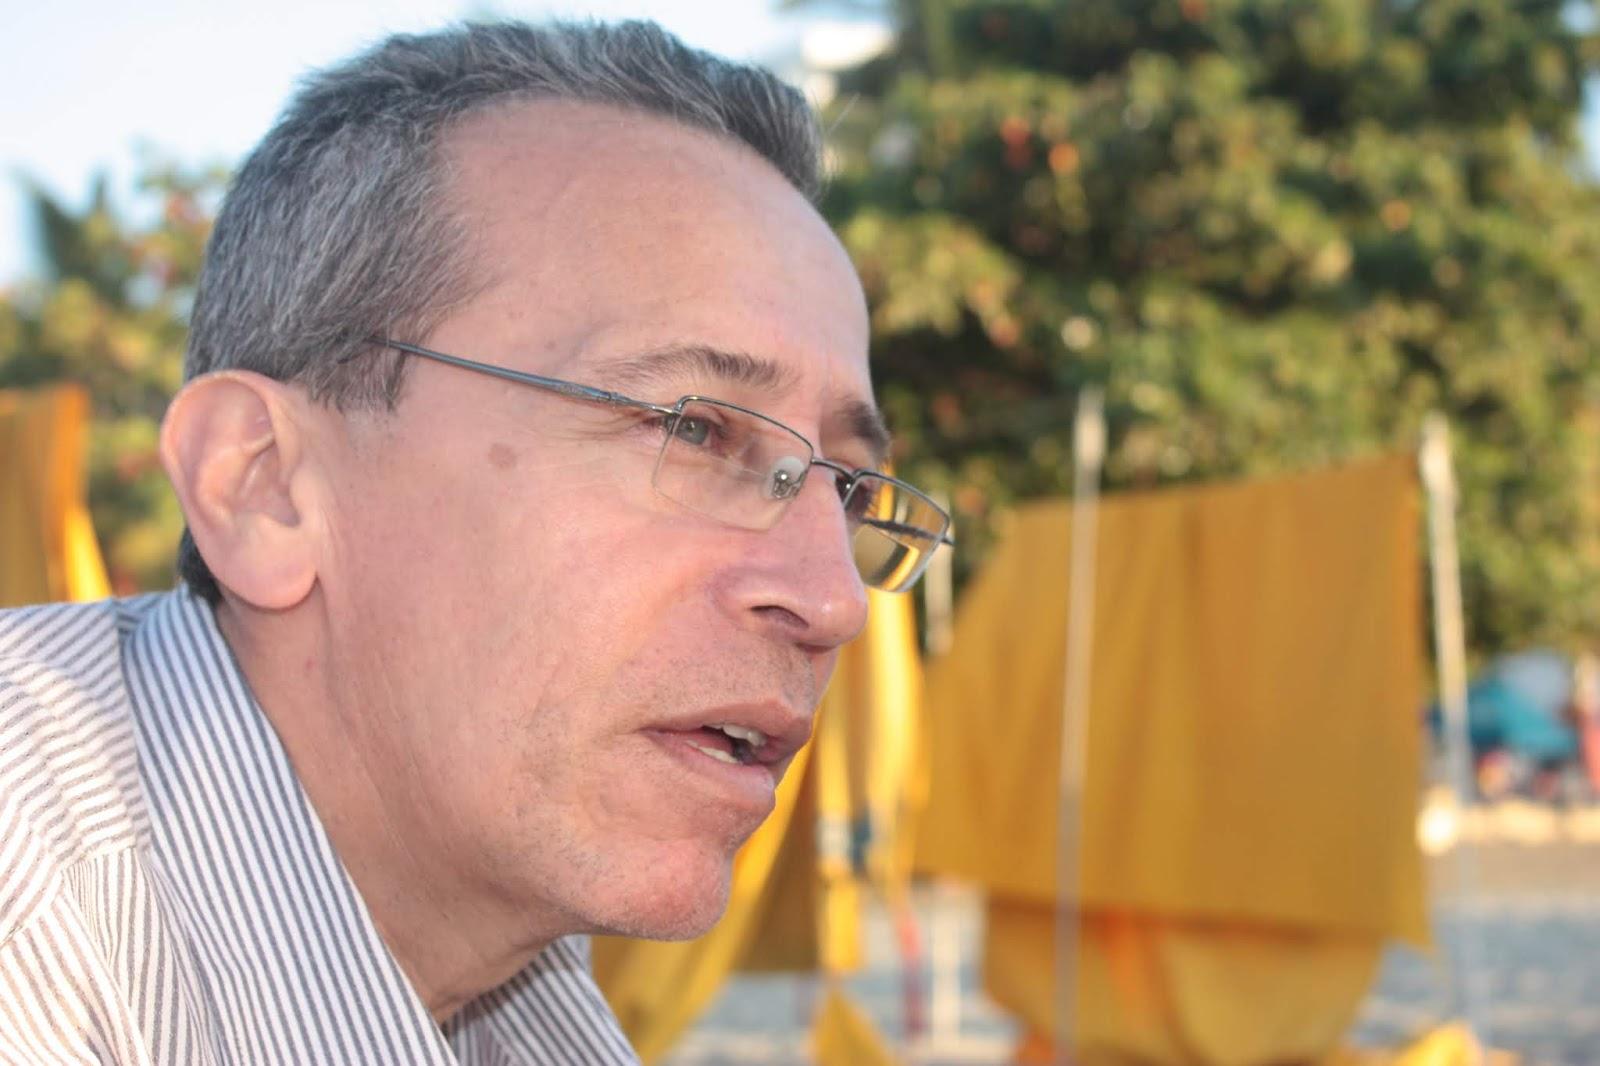 6de0beb4b1 (Bucaramanga - Colombia 1958) Ha sido editor, coordinador de talleres  literarios, ponente en encuentros de escritores, columnista en diferentes  medios y ha ...